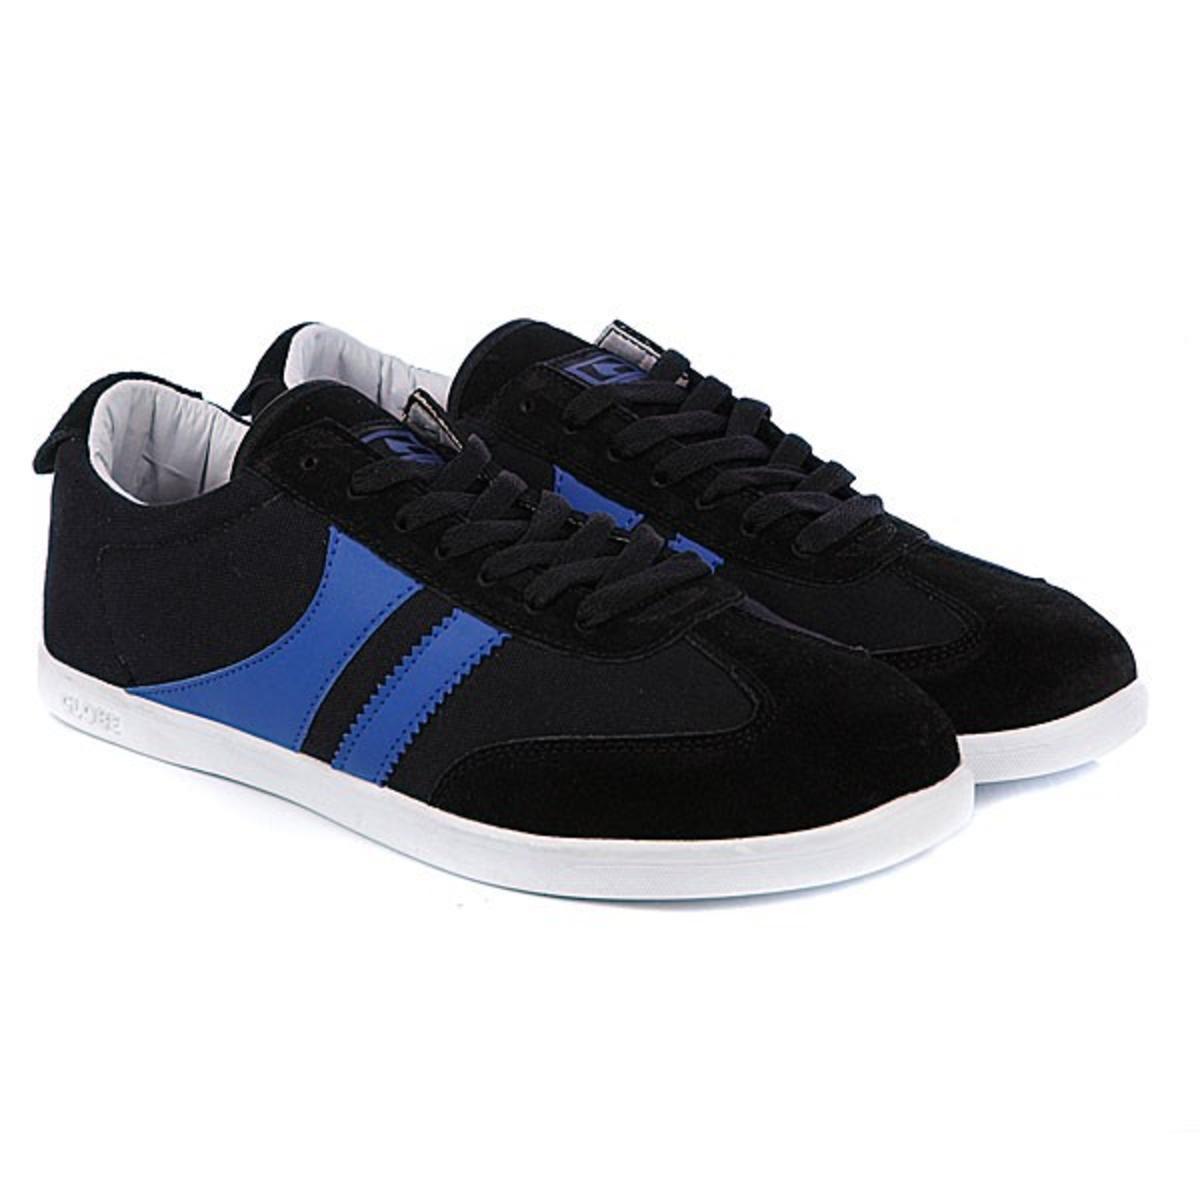 info for fda1e 51f94 Globe Skateboard Schuhe Spire Black/Oxide Blue